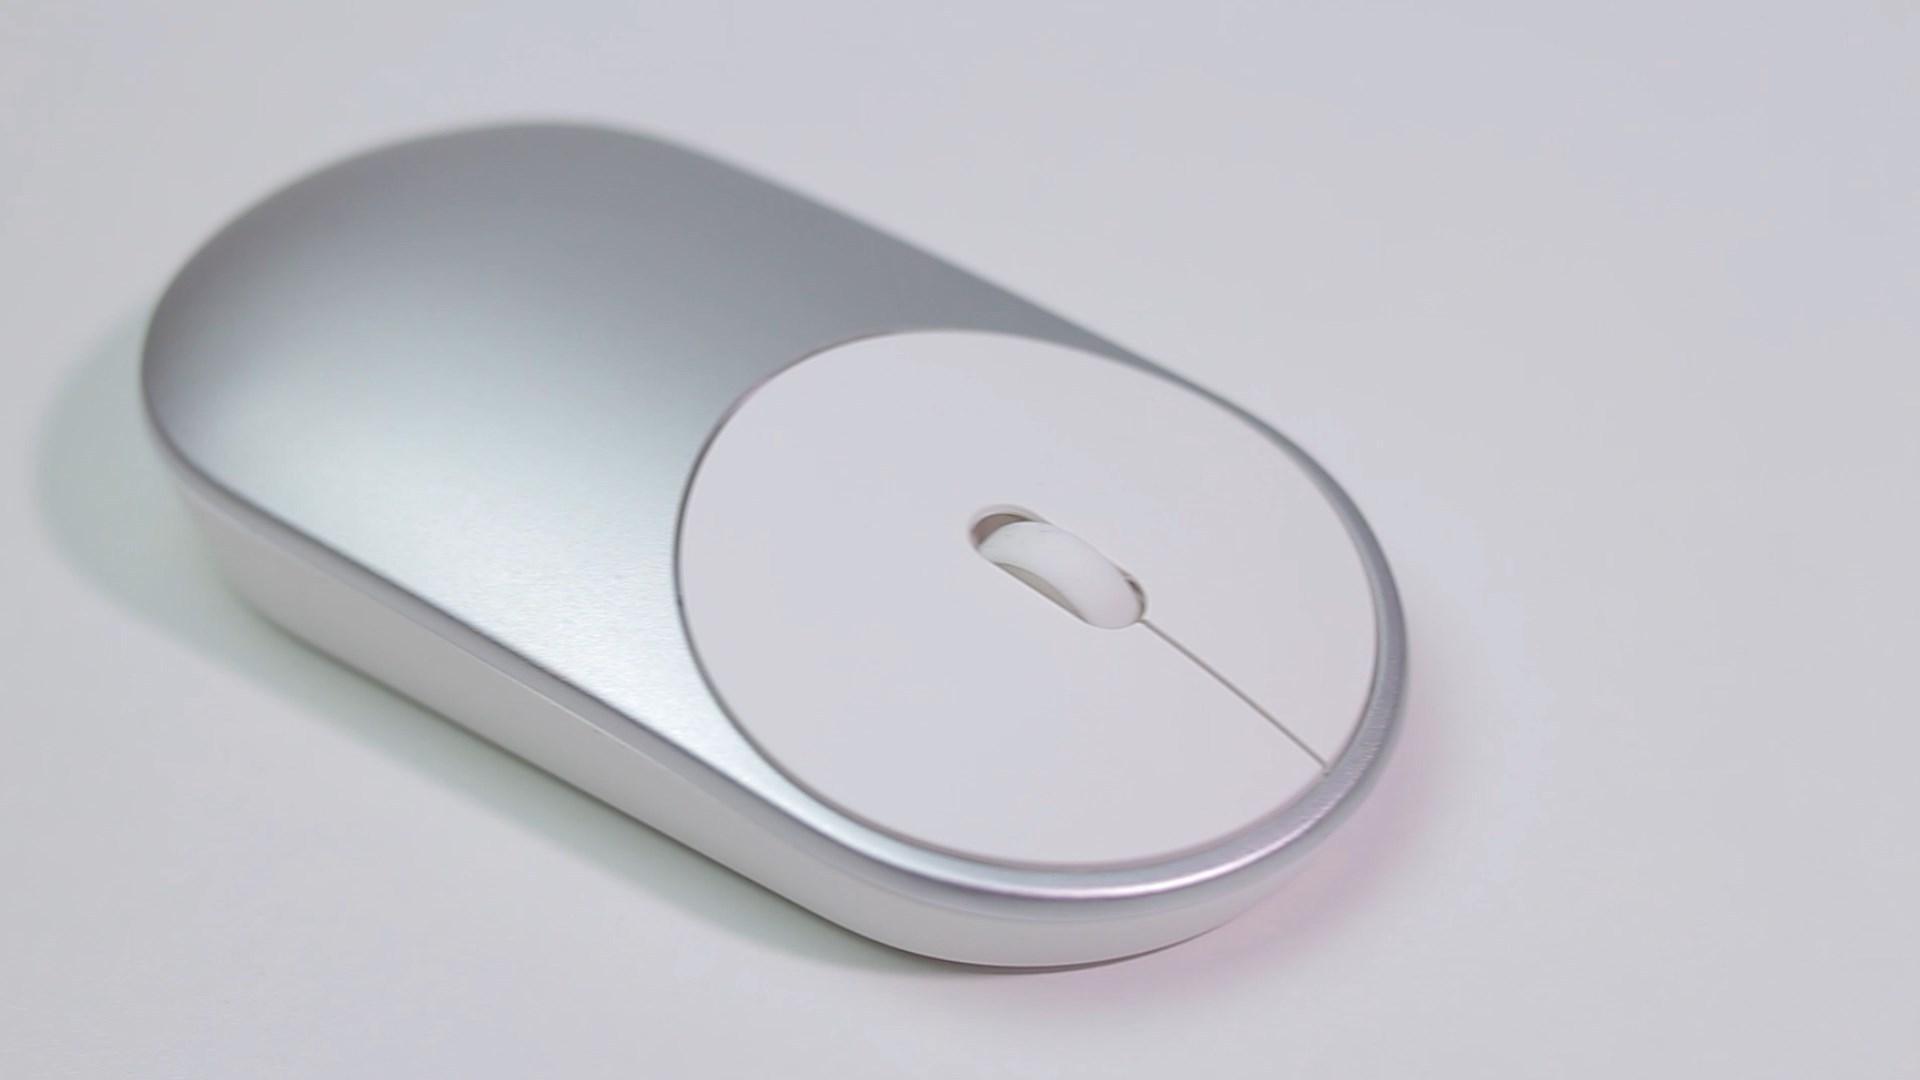 Обзор Xiaomi Mi Portable Mouse - компактная беспроводная мышь